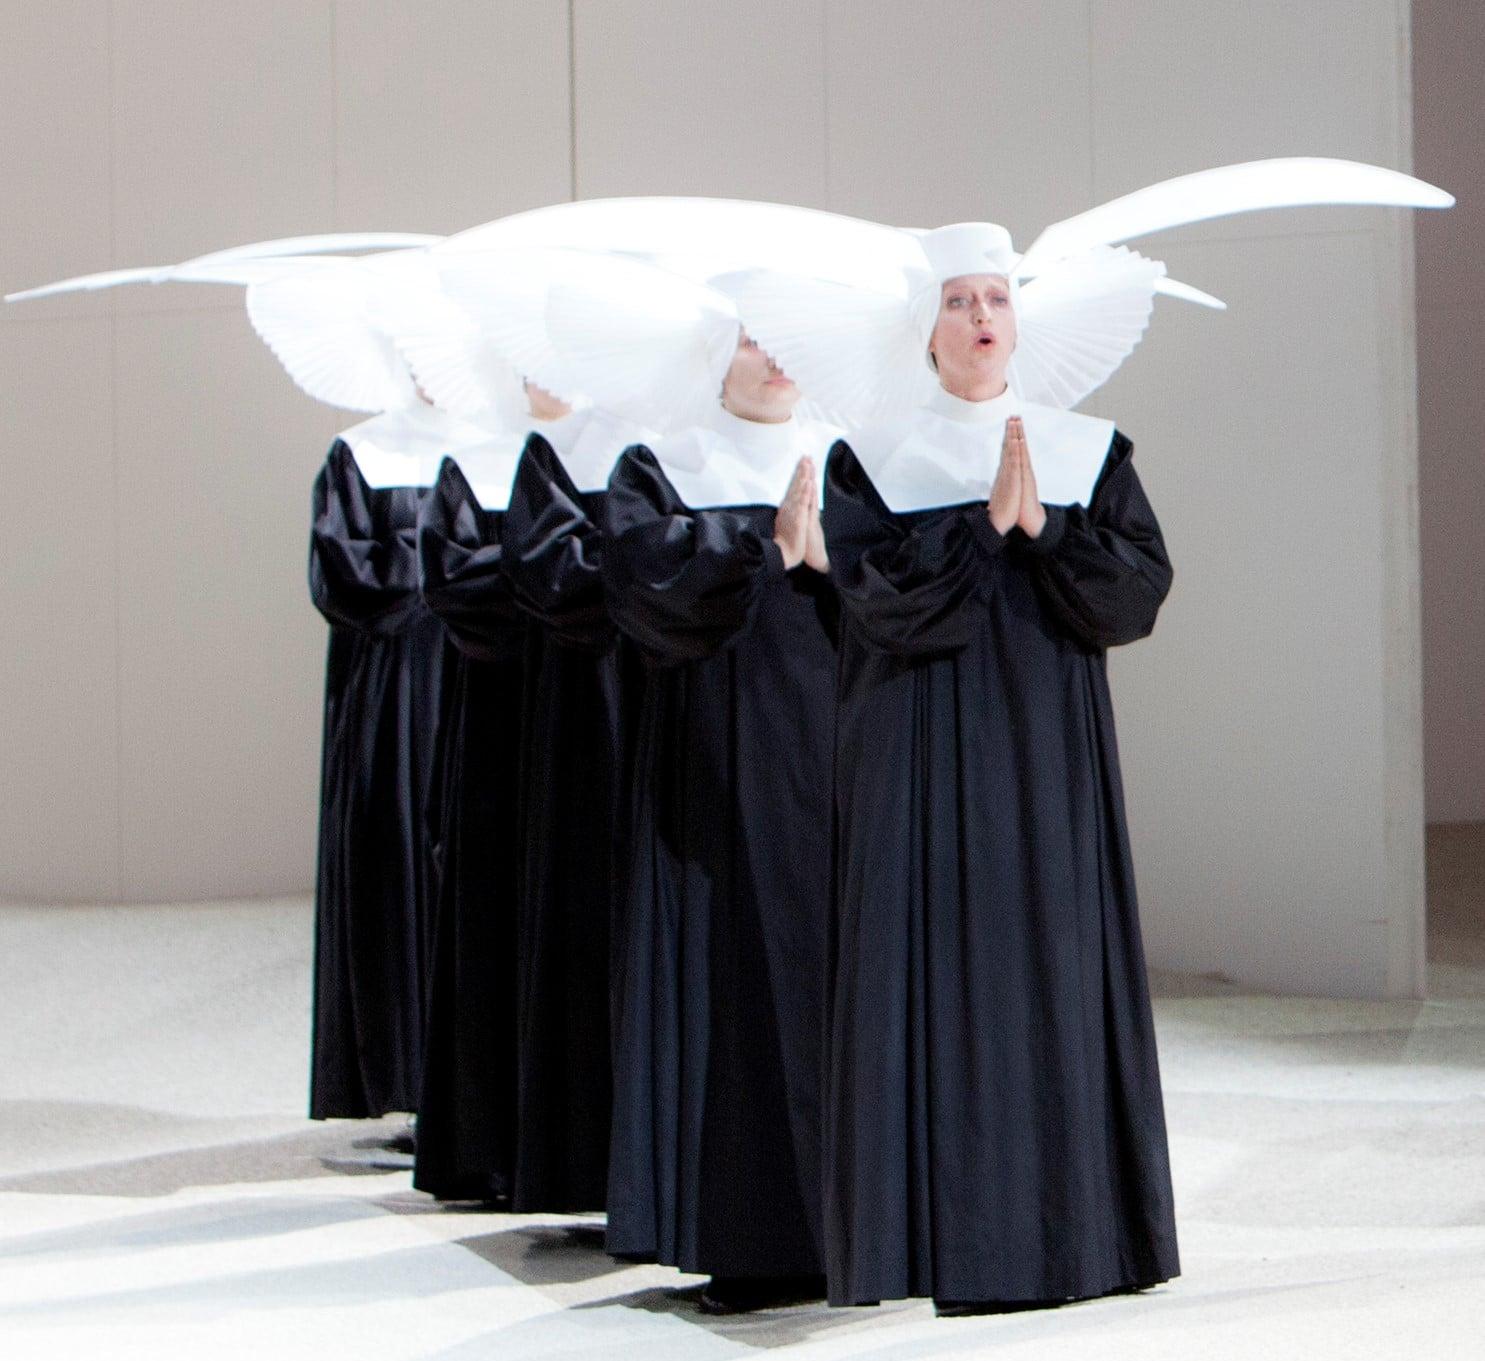 Eva Kroon (de voorste van de groep) als 'Un Musico' in Manon Lescaut bij De Nationale Opera. (© Bernd Uhlig)